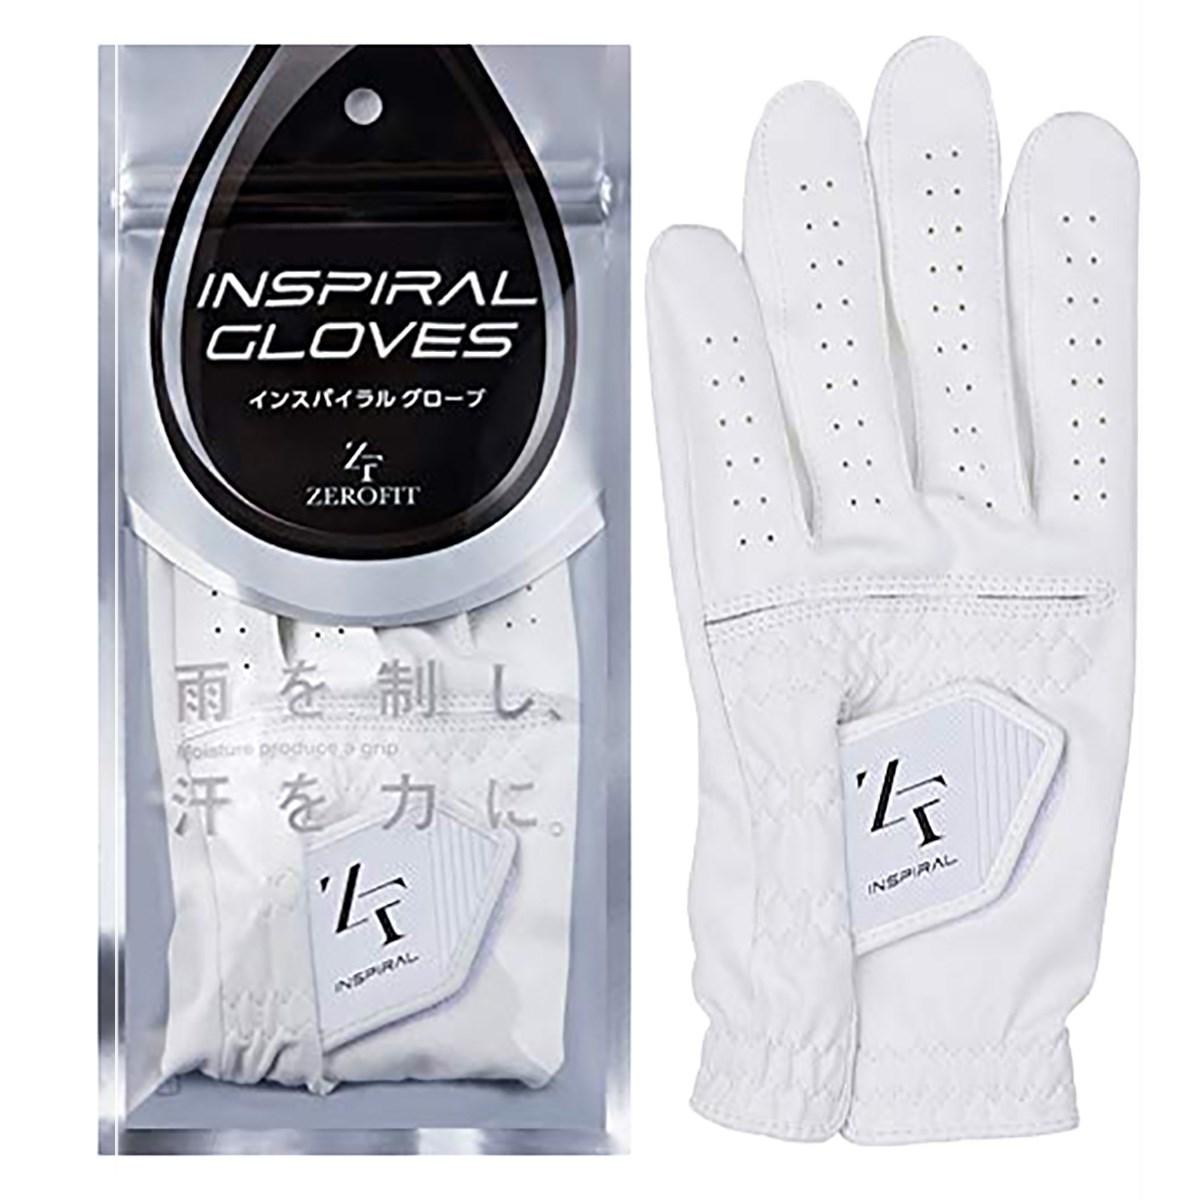 イオンスポーツ ZERO FIT インスパイラル ゴルフ グローブ 21cm 左手着用(右利き用) ホワイト